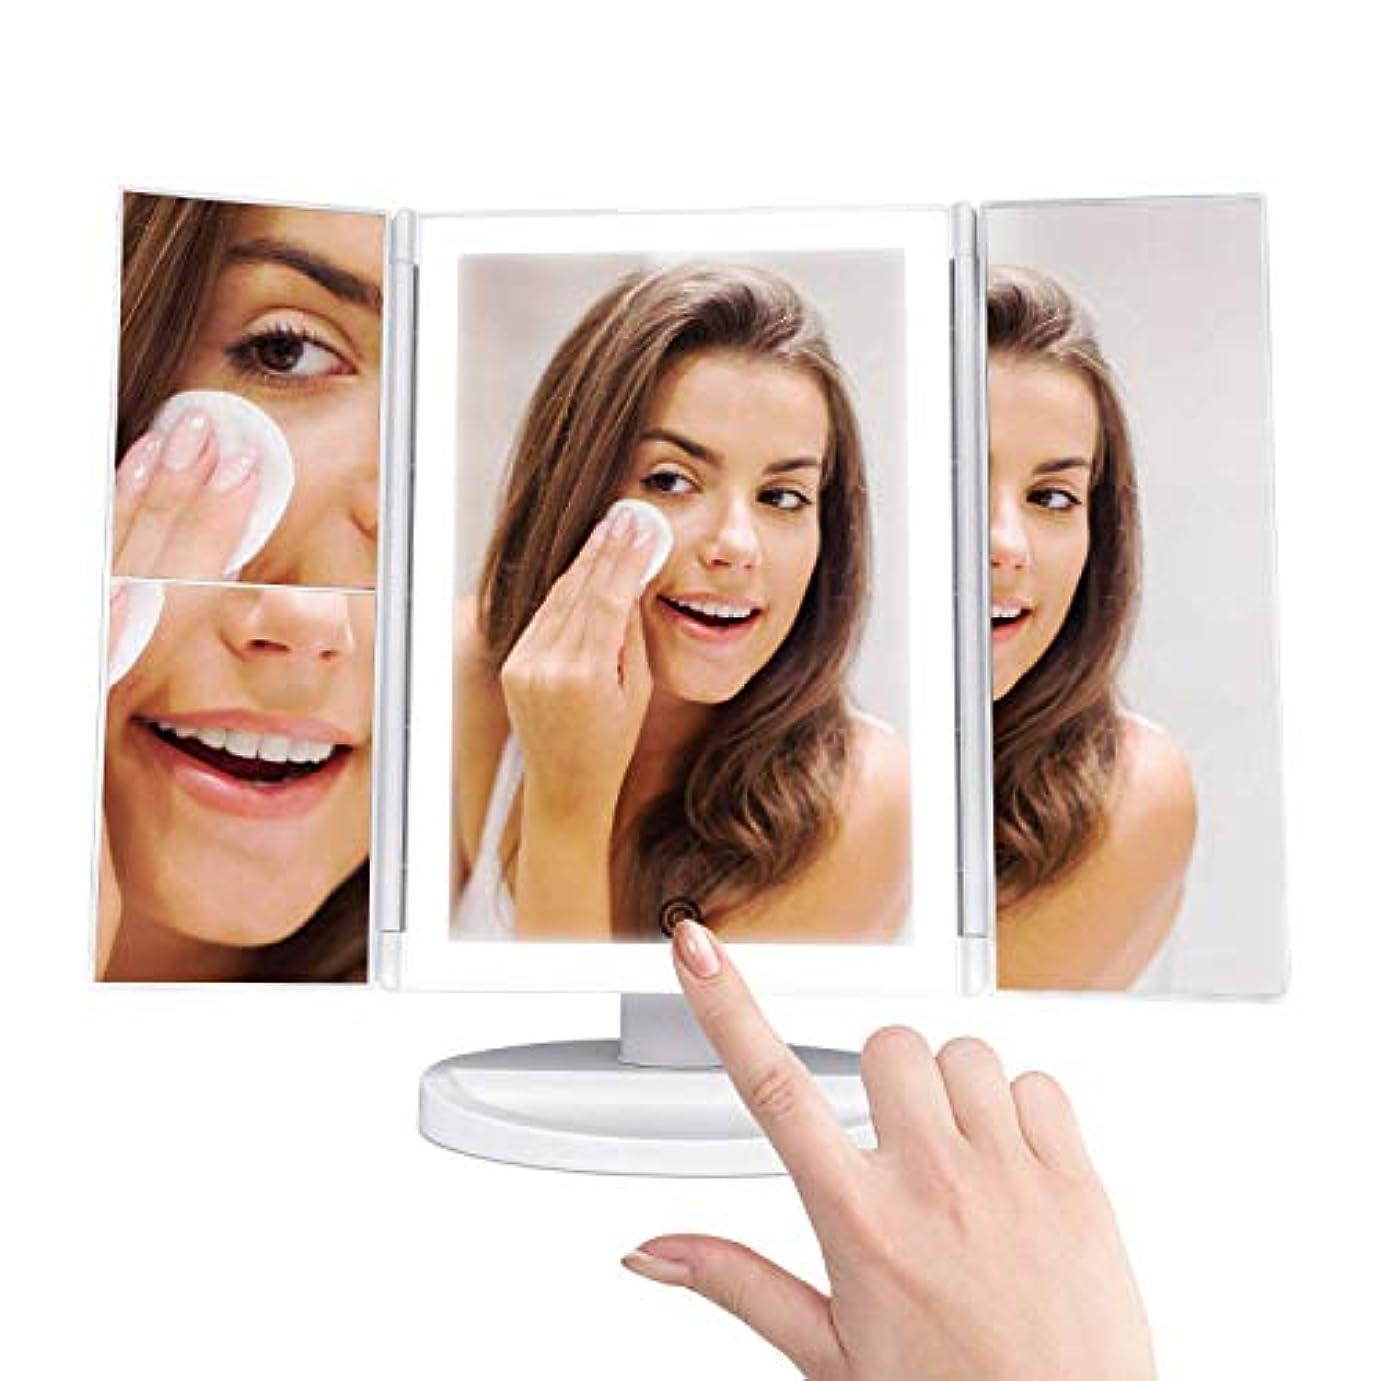 明確に良心幻影卓上ミラー 折りたたみ式 三面鏡 化粧鏡 2&3&拡大鏡付き LEDライト 角度調整機能付 タッチパネル 持ち運び便利 180度自由に回転 電池またはUSB給電(ホワイト)